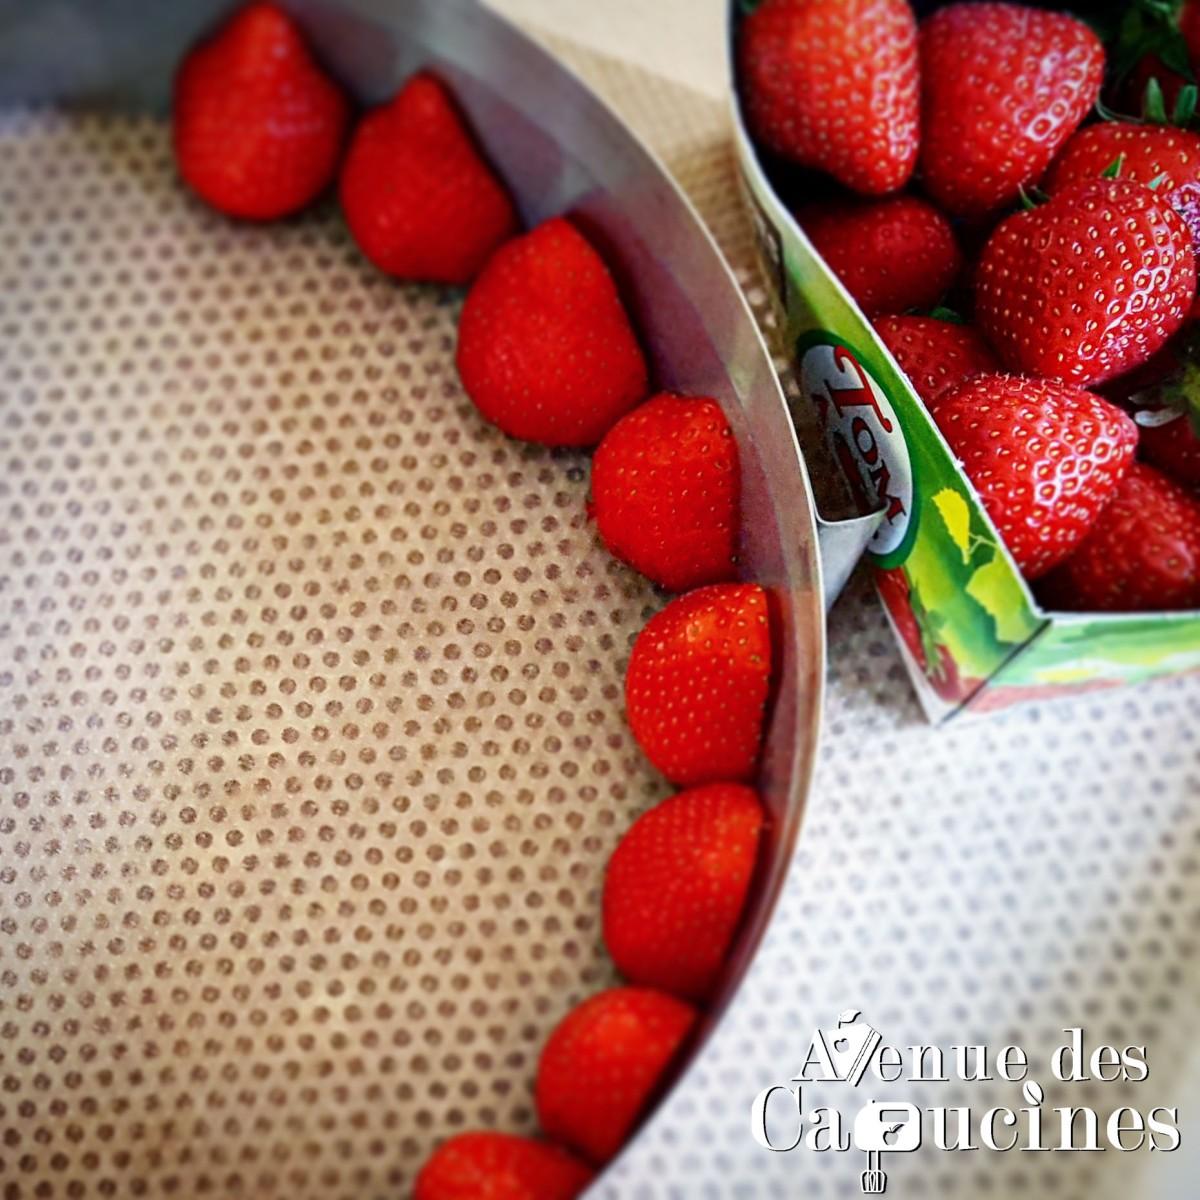 tour de fraises